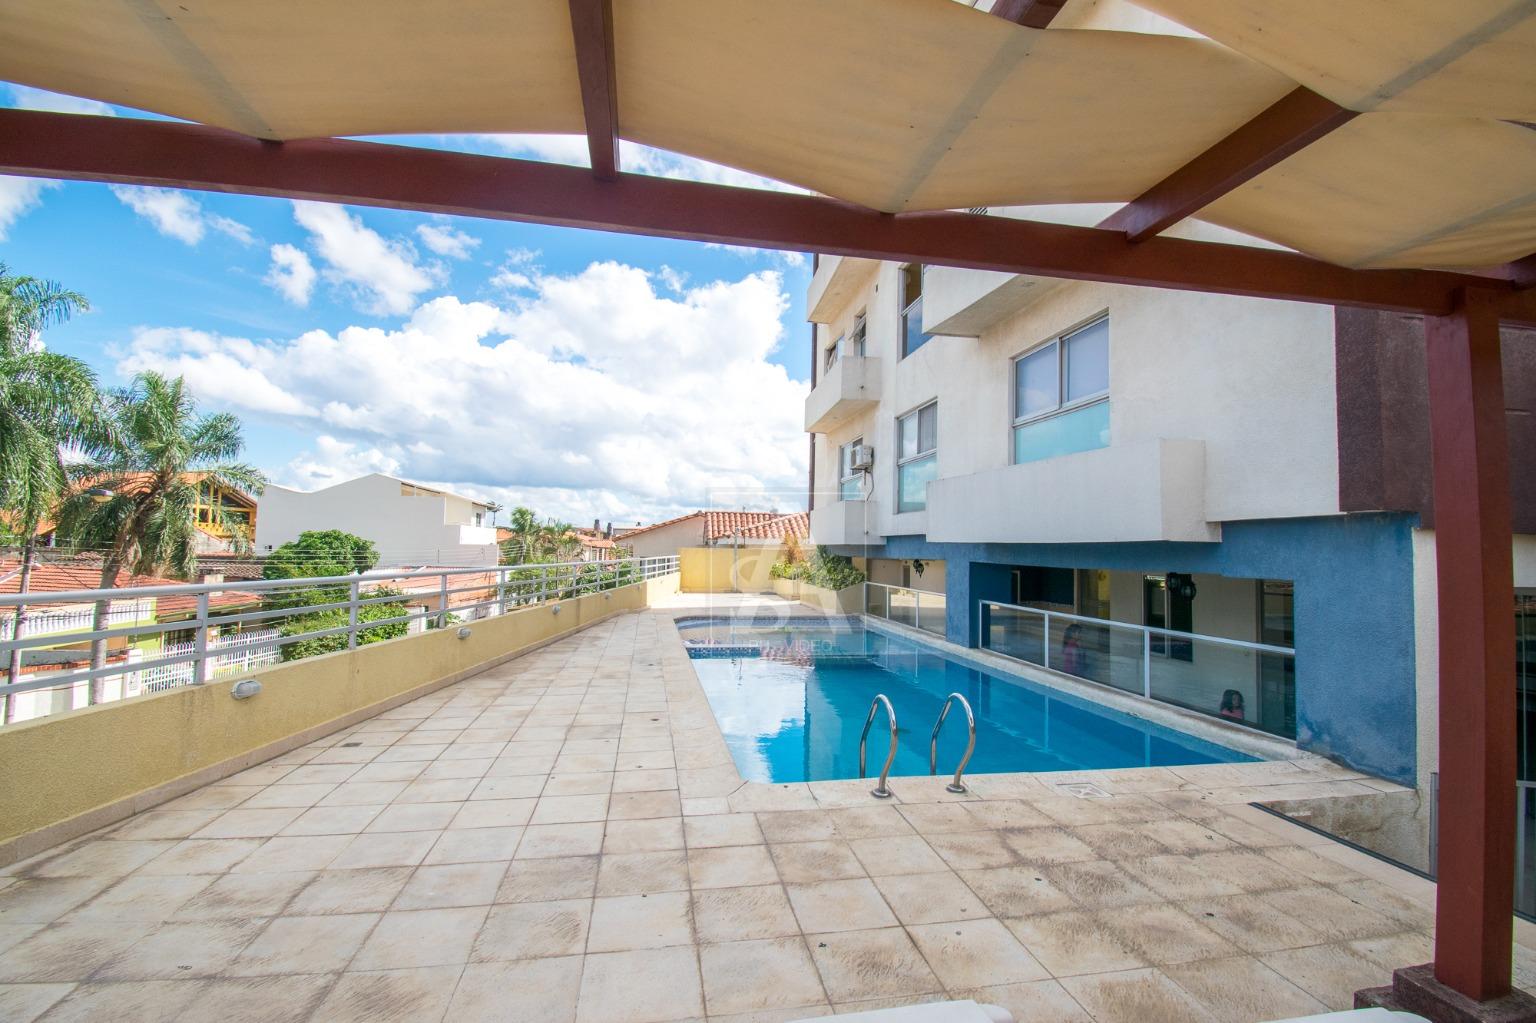 Departamento en Venta DEPARTAMENTO EN VENTA - CONDOMINIO PLAZA GUAPAY - 166.60 m². - AV. GUAPAY Foto 21